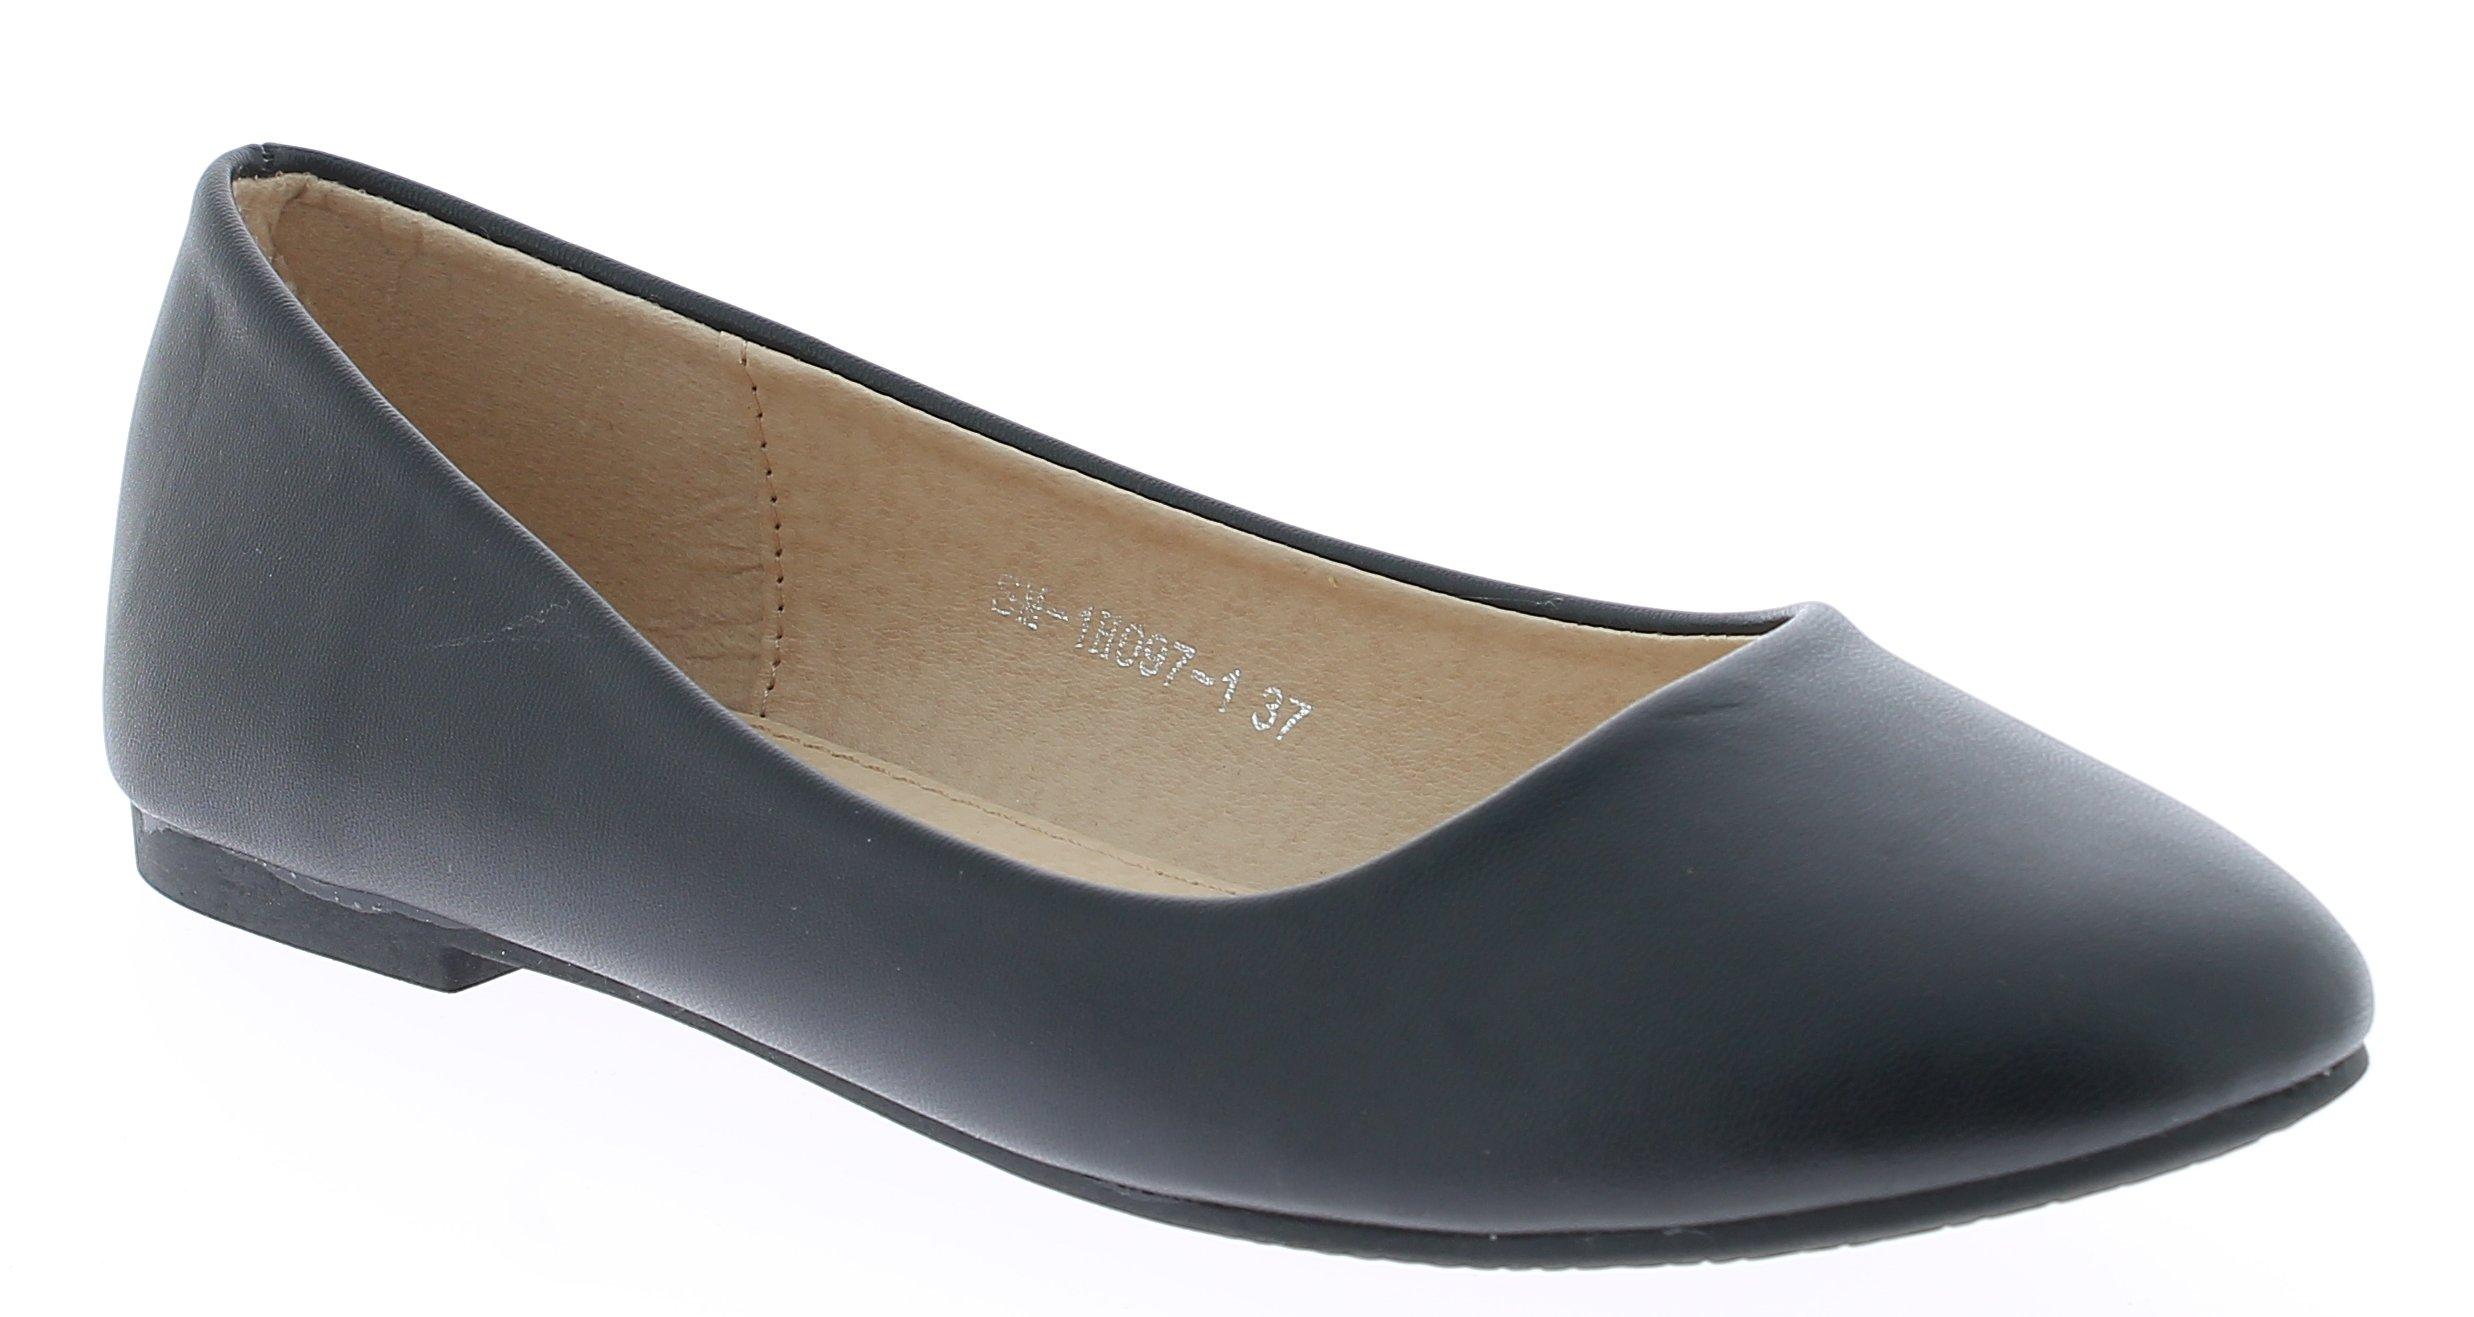 Γυναικείες Μπαλαρίνες SM1H0971 Μαύρο - IqShoes - SM-1H091-1 BLACK-37/1/15/27